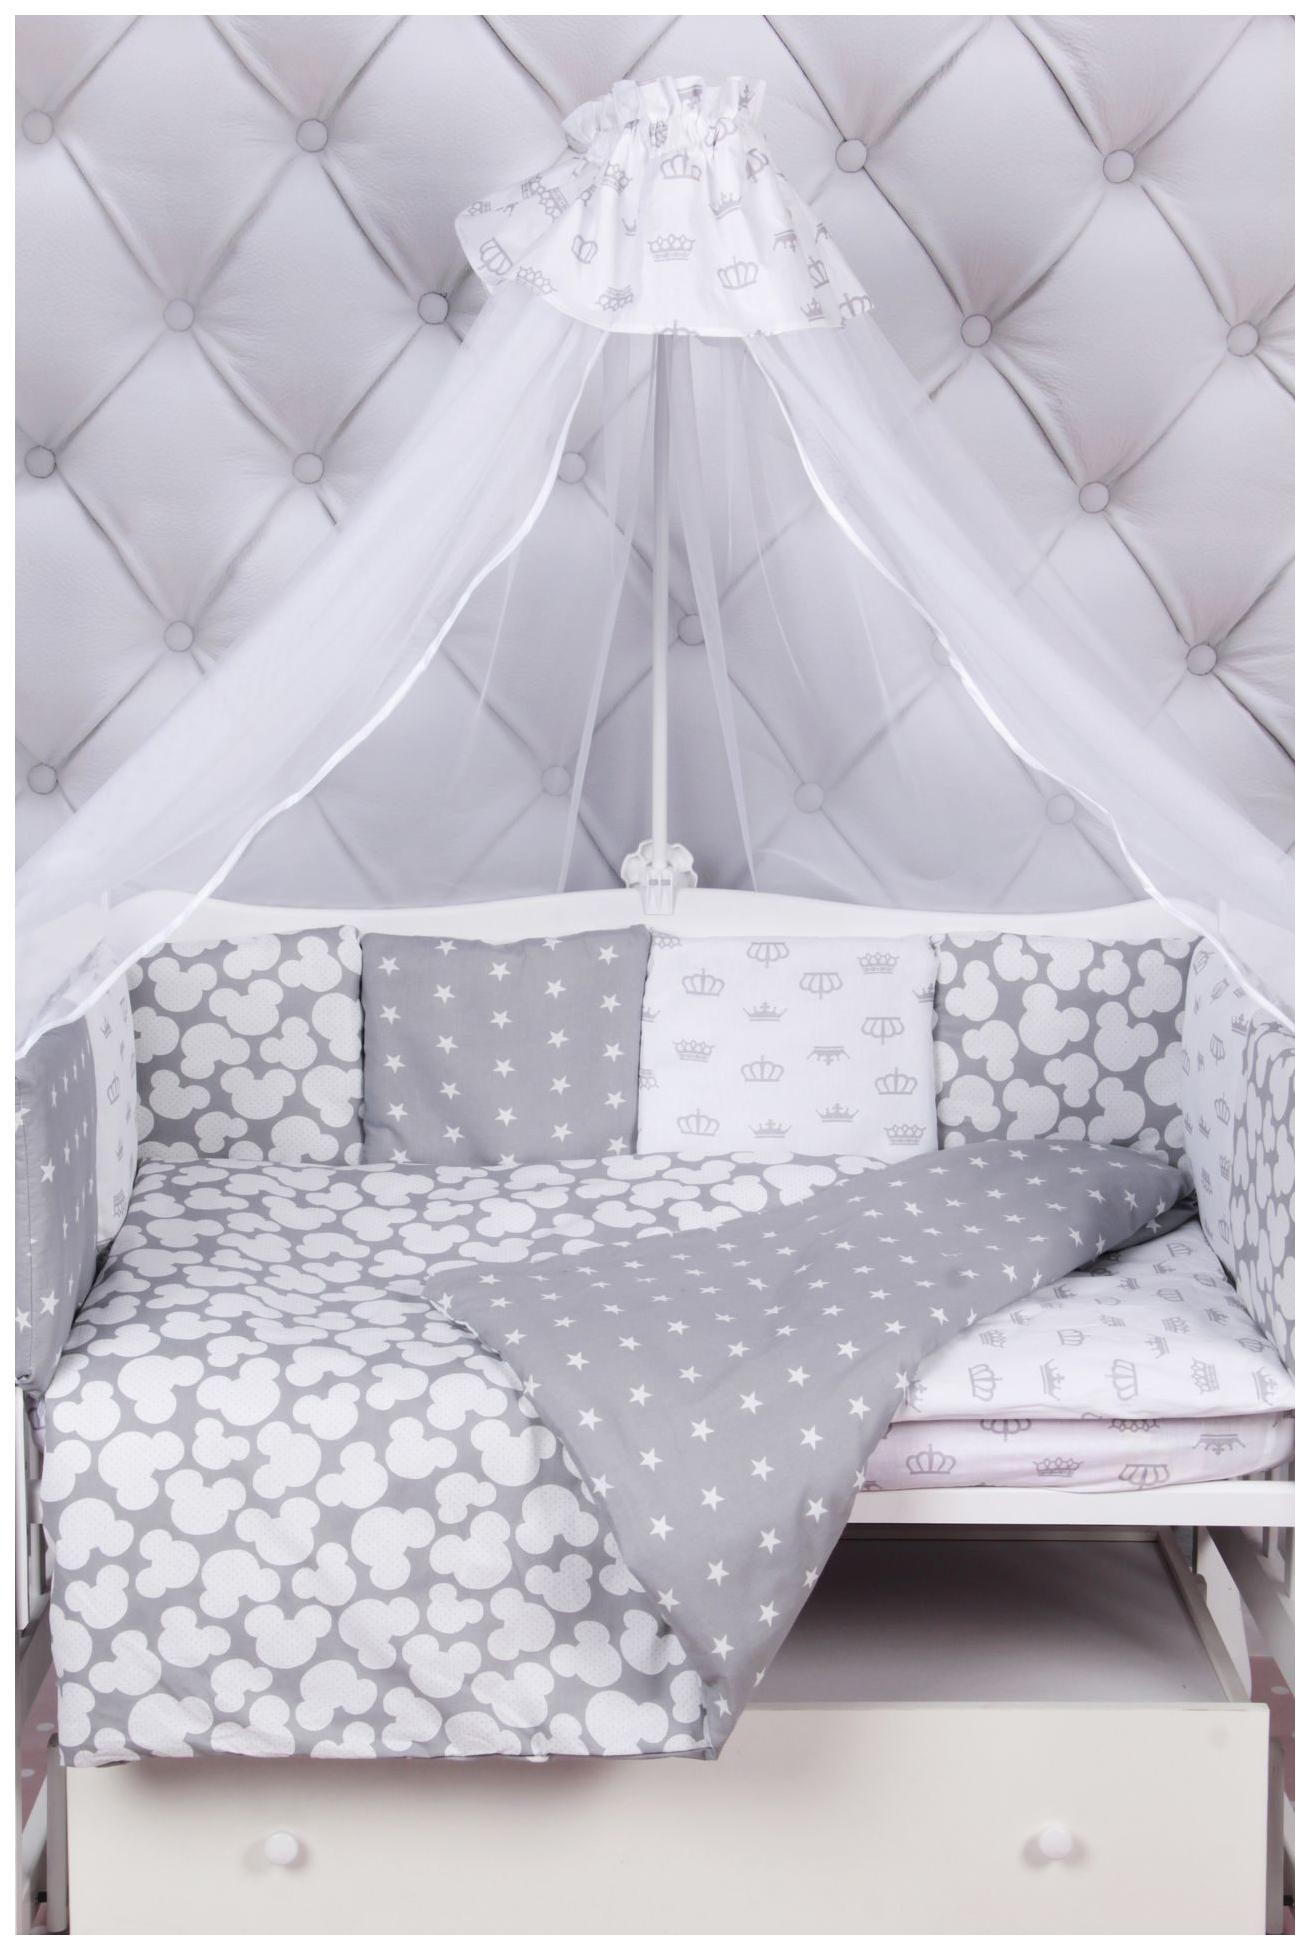 Комплект в кроватку AmaroBaby Silver 18 предметов (6+12 подушек-бортиков) бязь, серый